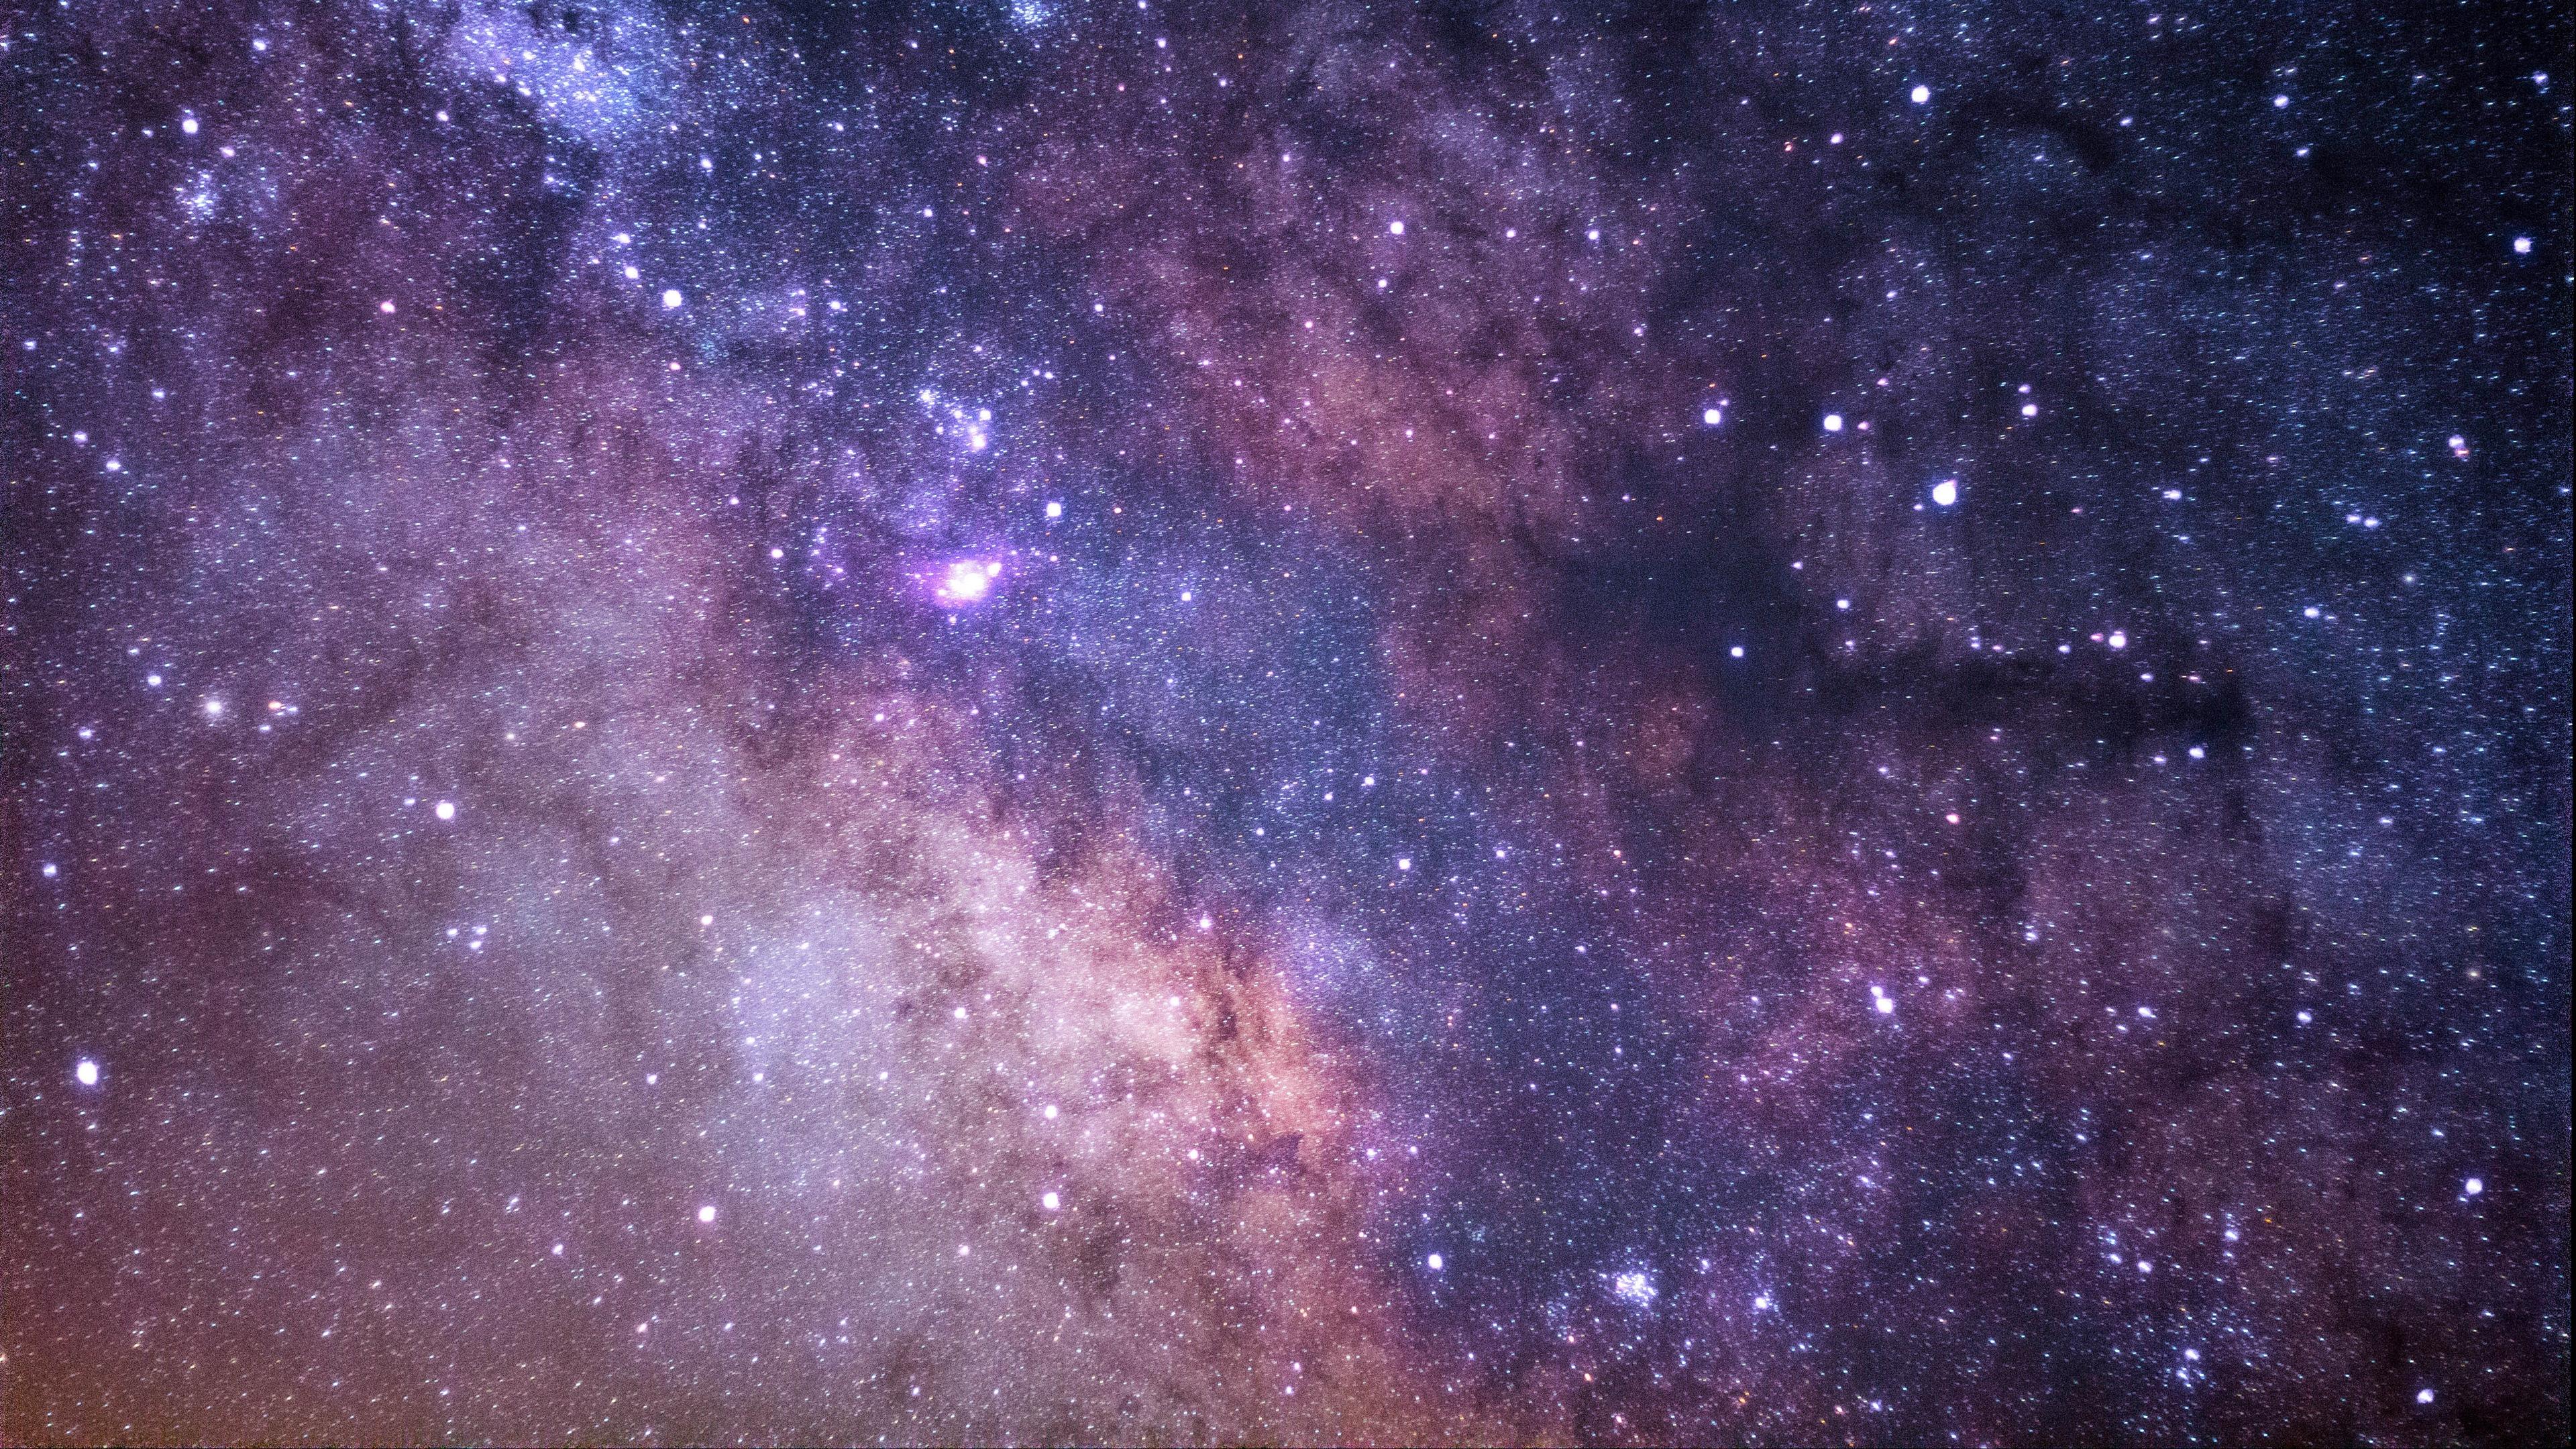 космос, звездное небо, звезды, млечний путь